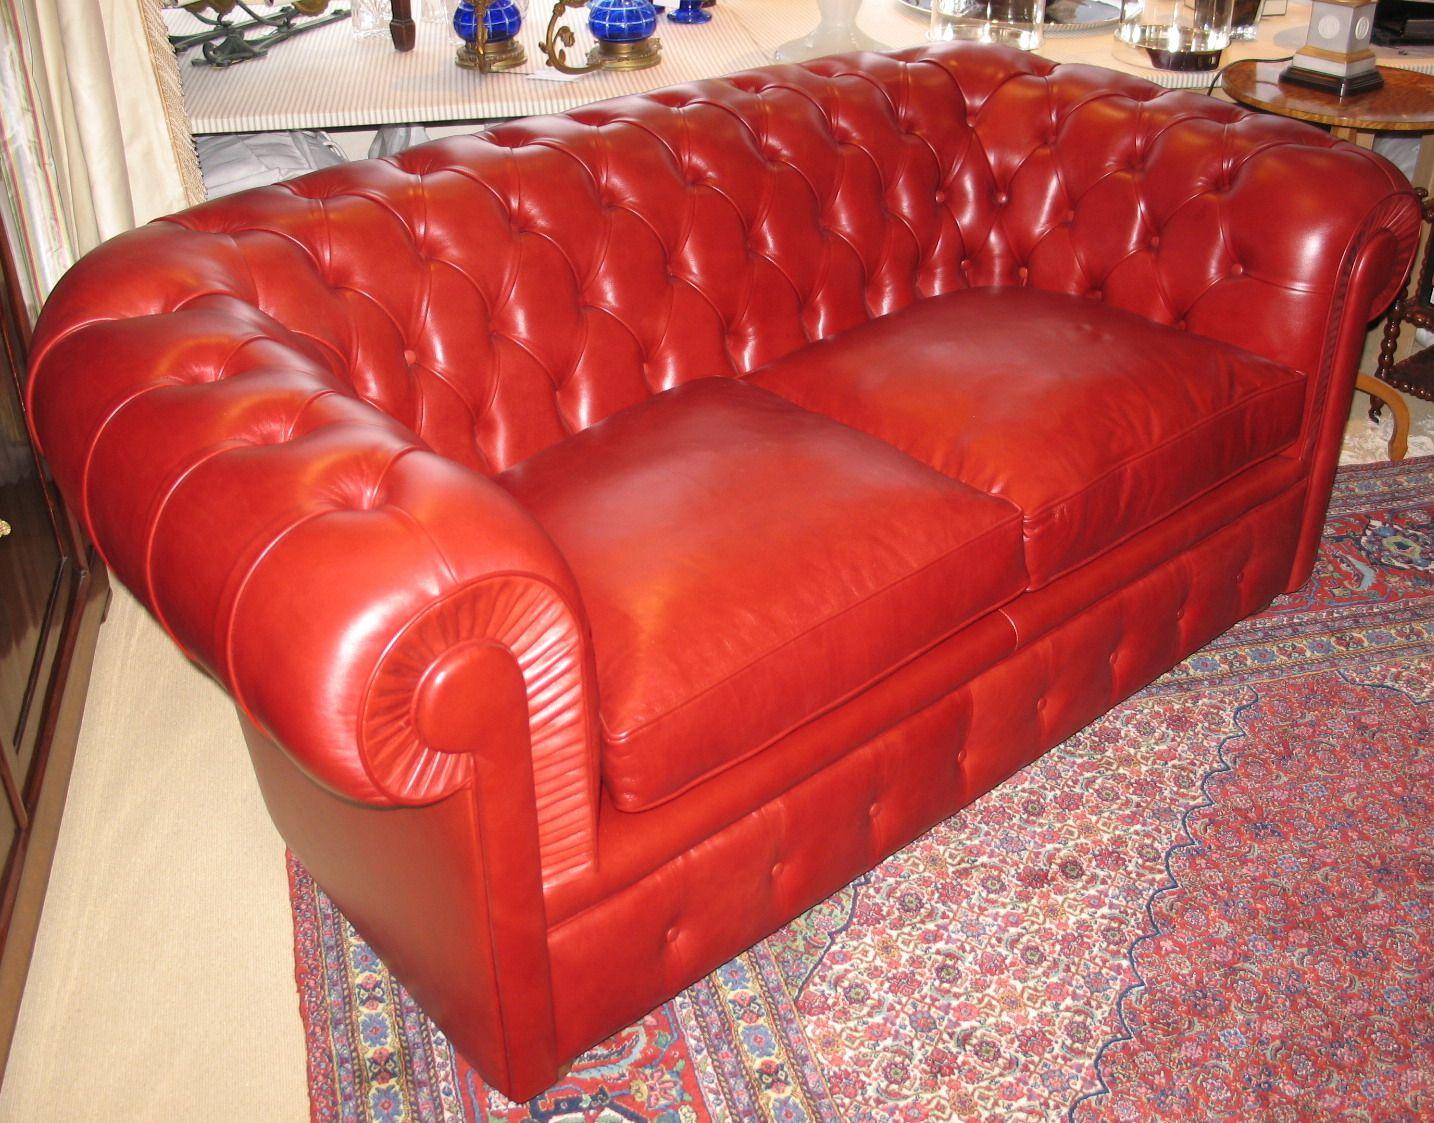 1000 ides sur le thme canaps en cuir rouge sur pinterest canaps en cuir sofas en cuir rouge et divans sectionnels - Modele De Salon En Cuire